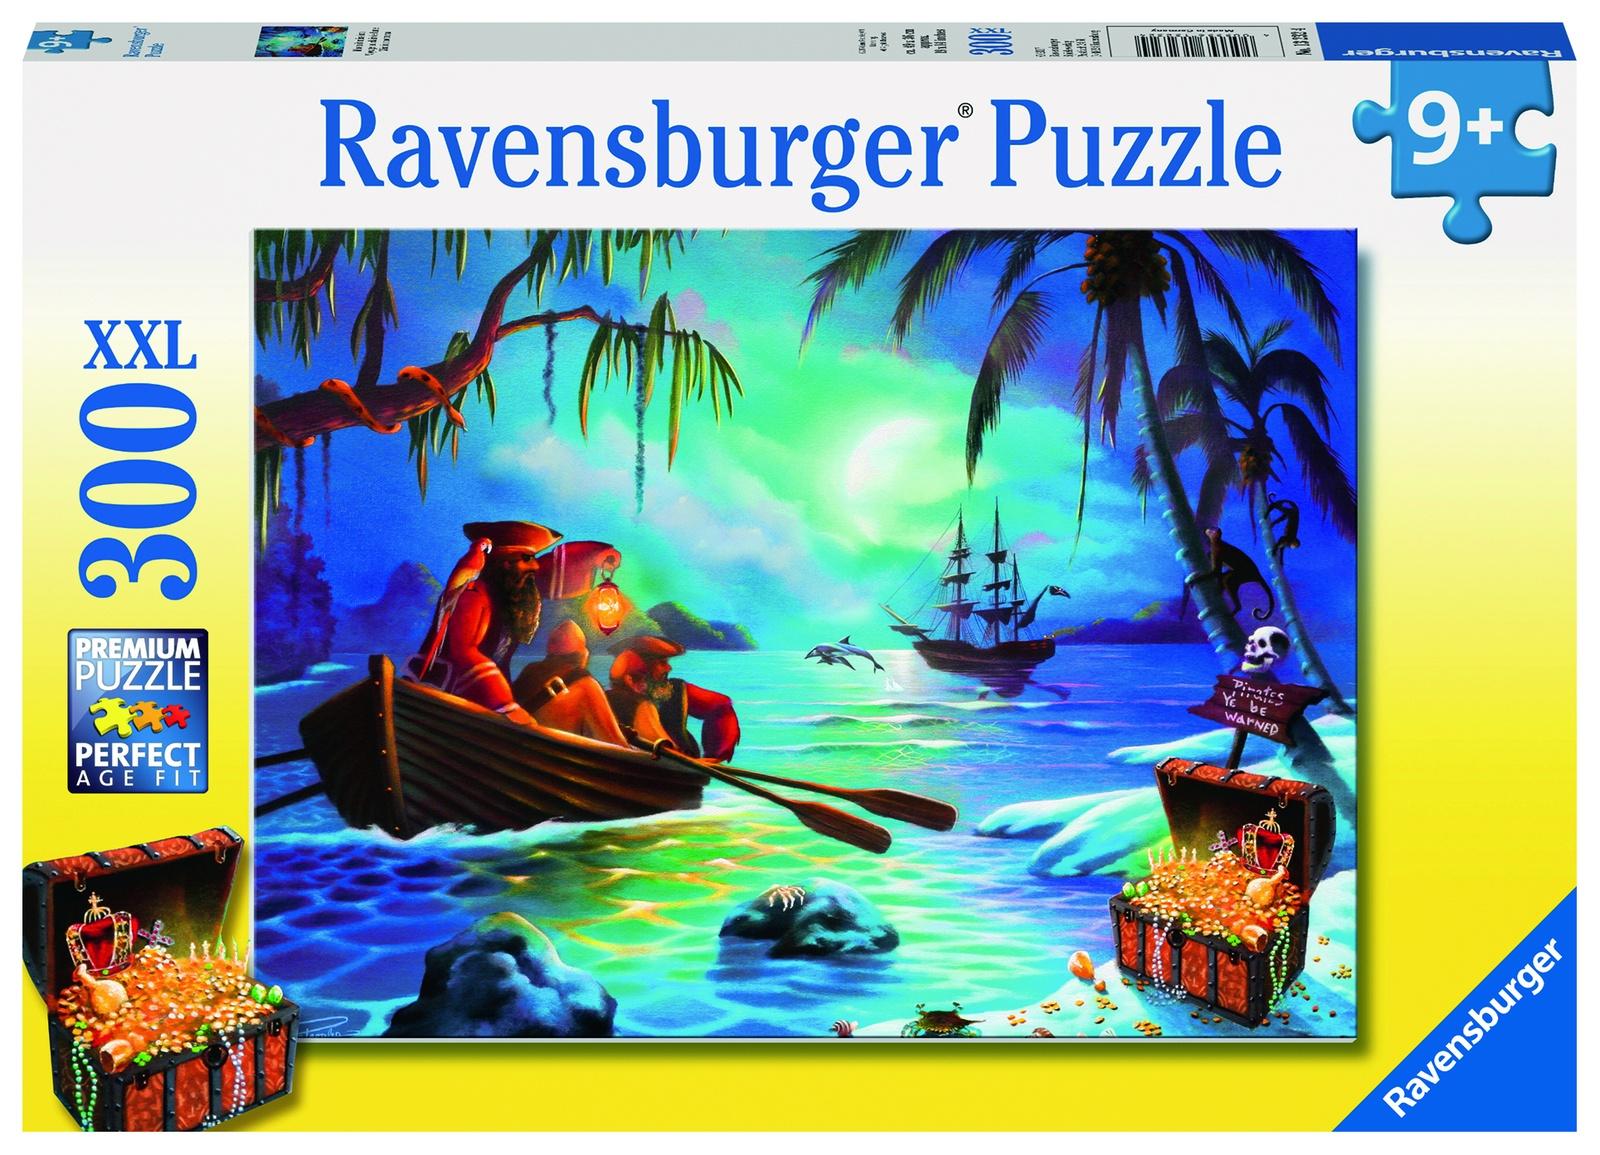 Пазл RAVENSBURGER В поисках сокровищ XXL 300 шт коробка арт. 13232 настольная игра ravensburger лабиринт в поисках сокровищ